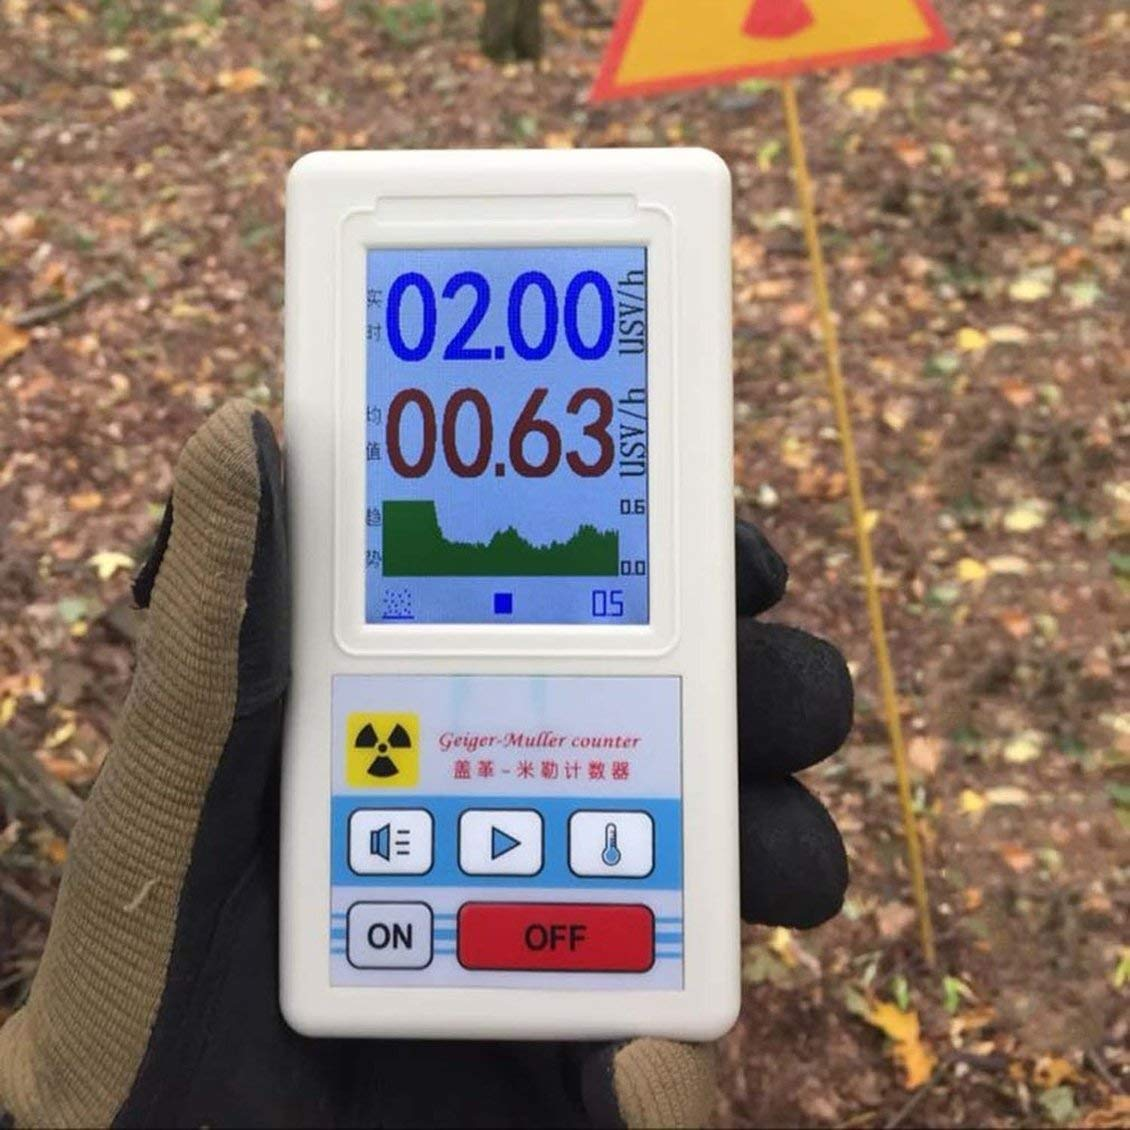 Contador Detector de radiación nuclear Rayos gamma Rayos X Dosímetros Comprobador de mármol Pantalla Pantalla Radiación Dosímetro Contadores Geiger: ...